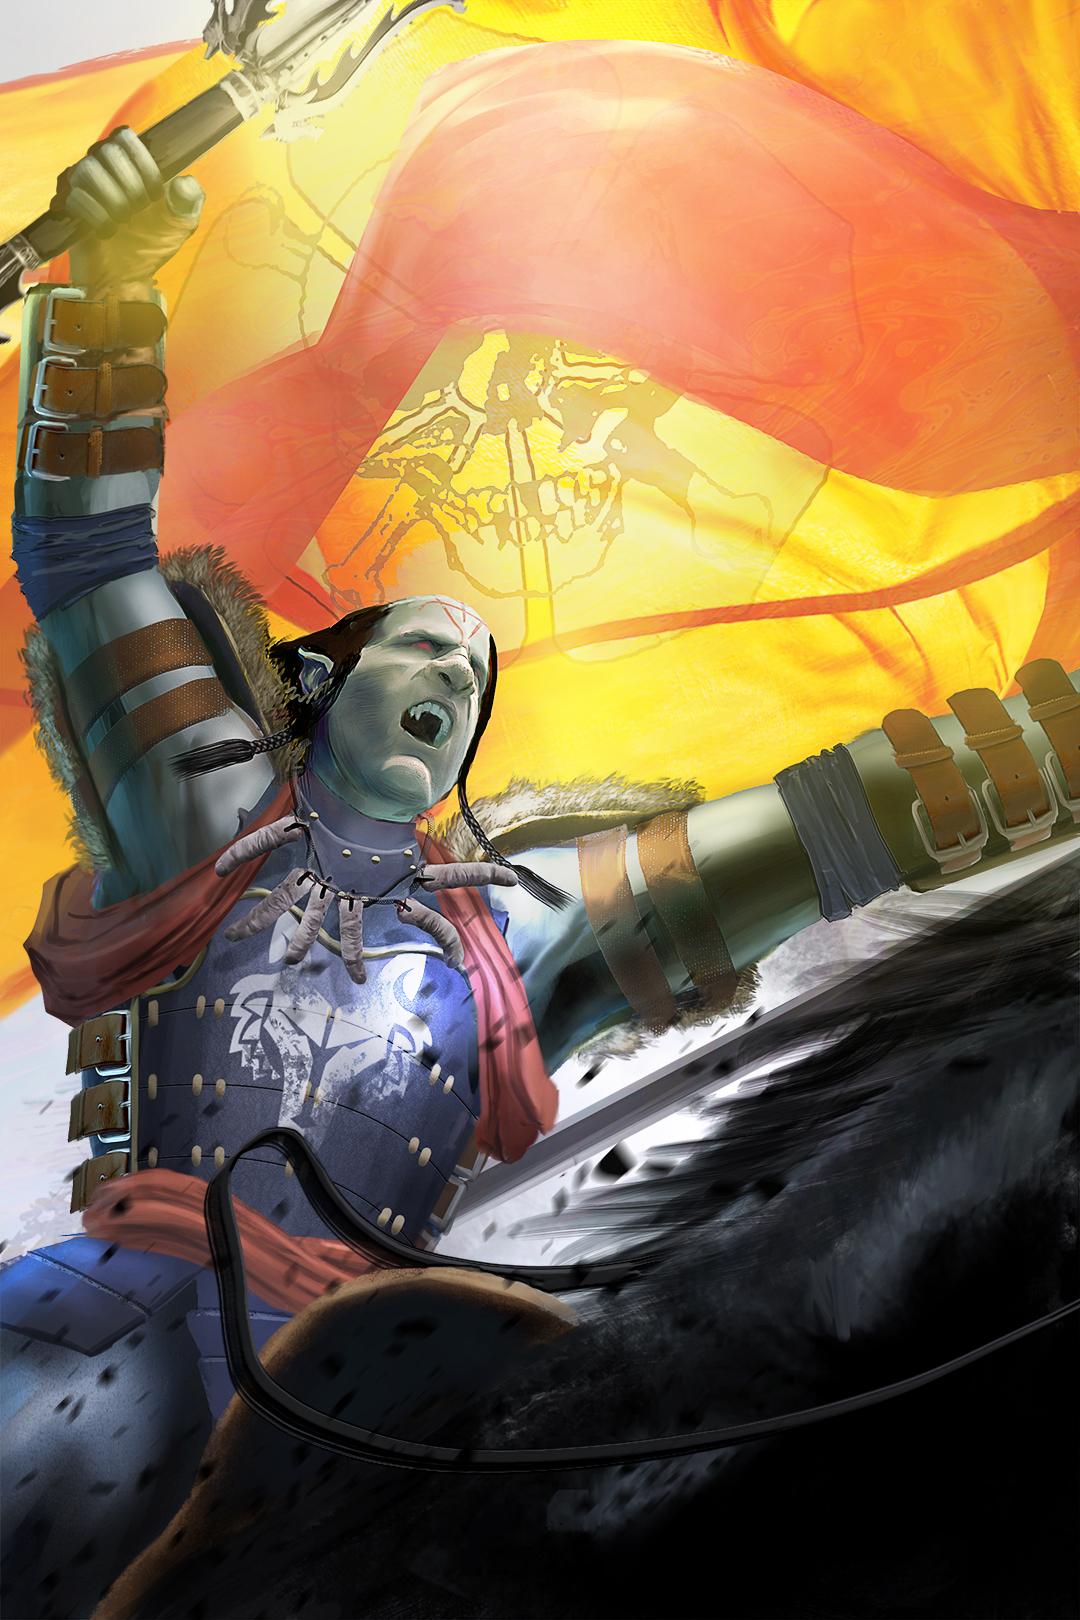 Battle Orc - by Ké Sneller